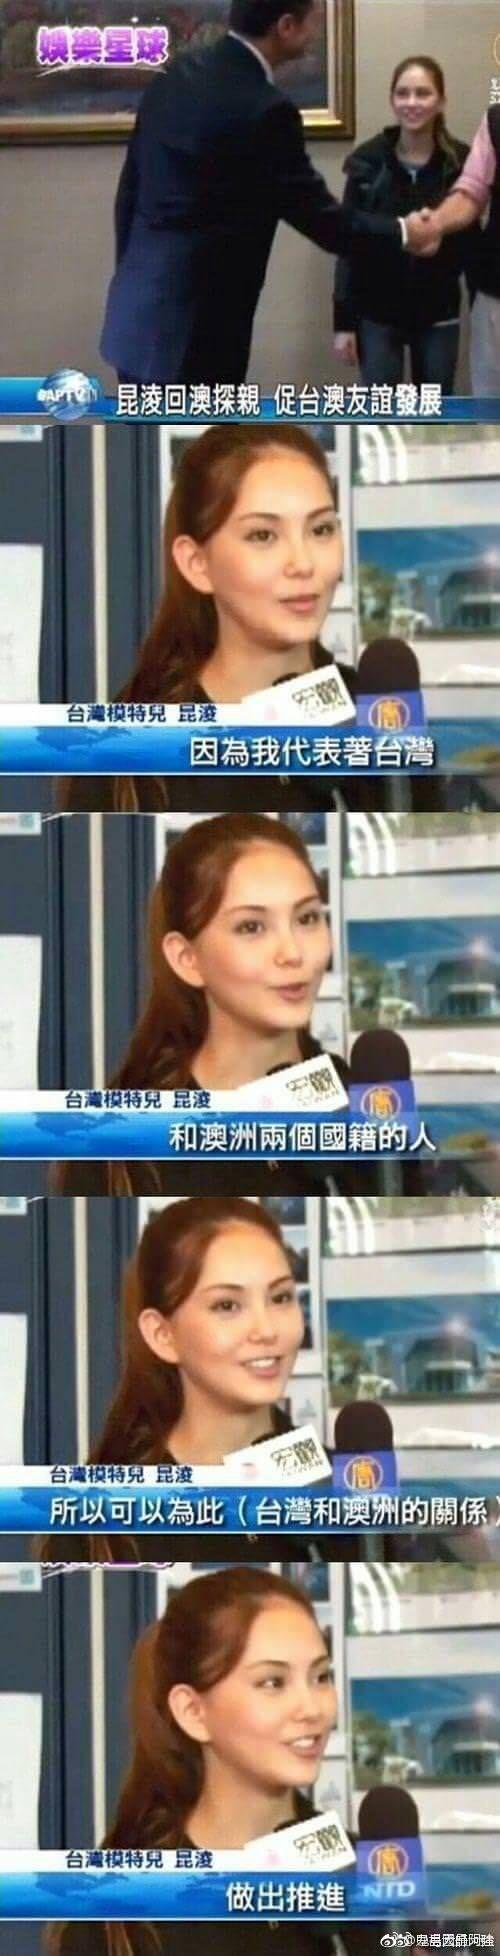 昆凌(圖/翻攝自「鬼島天師阿強」微博)